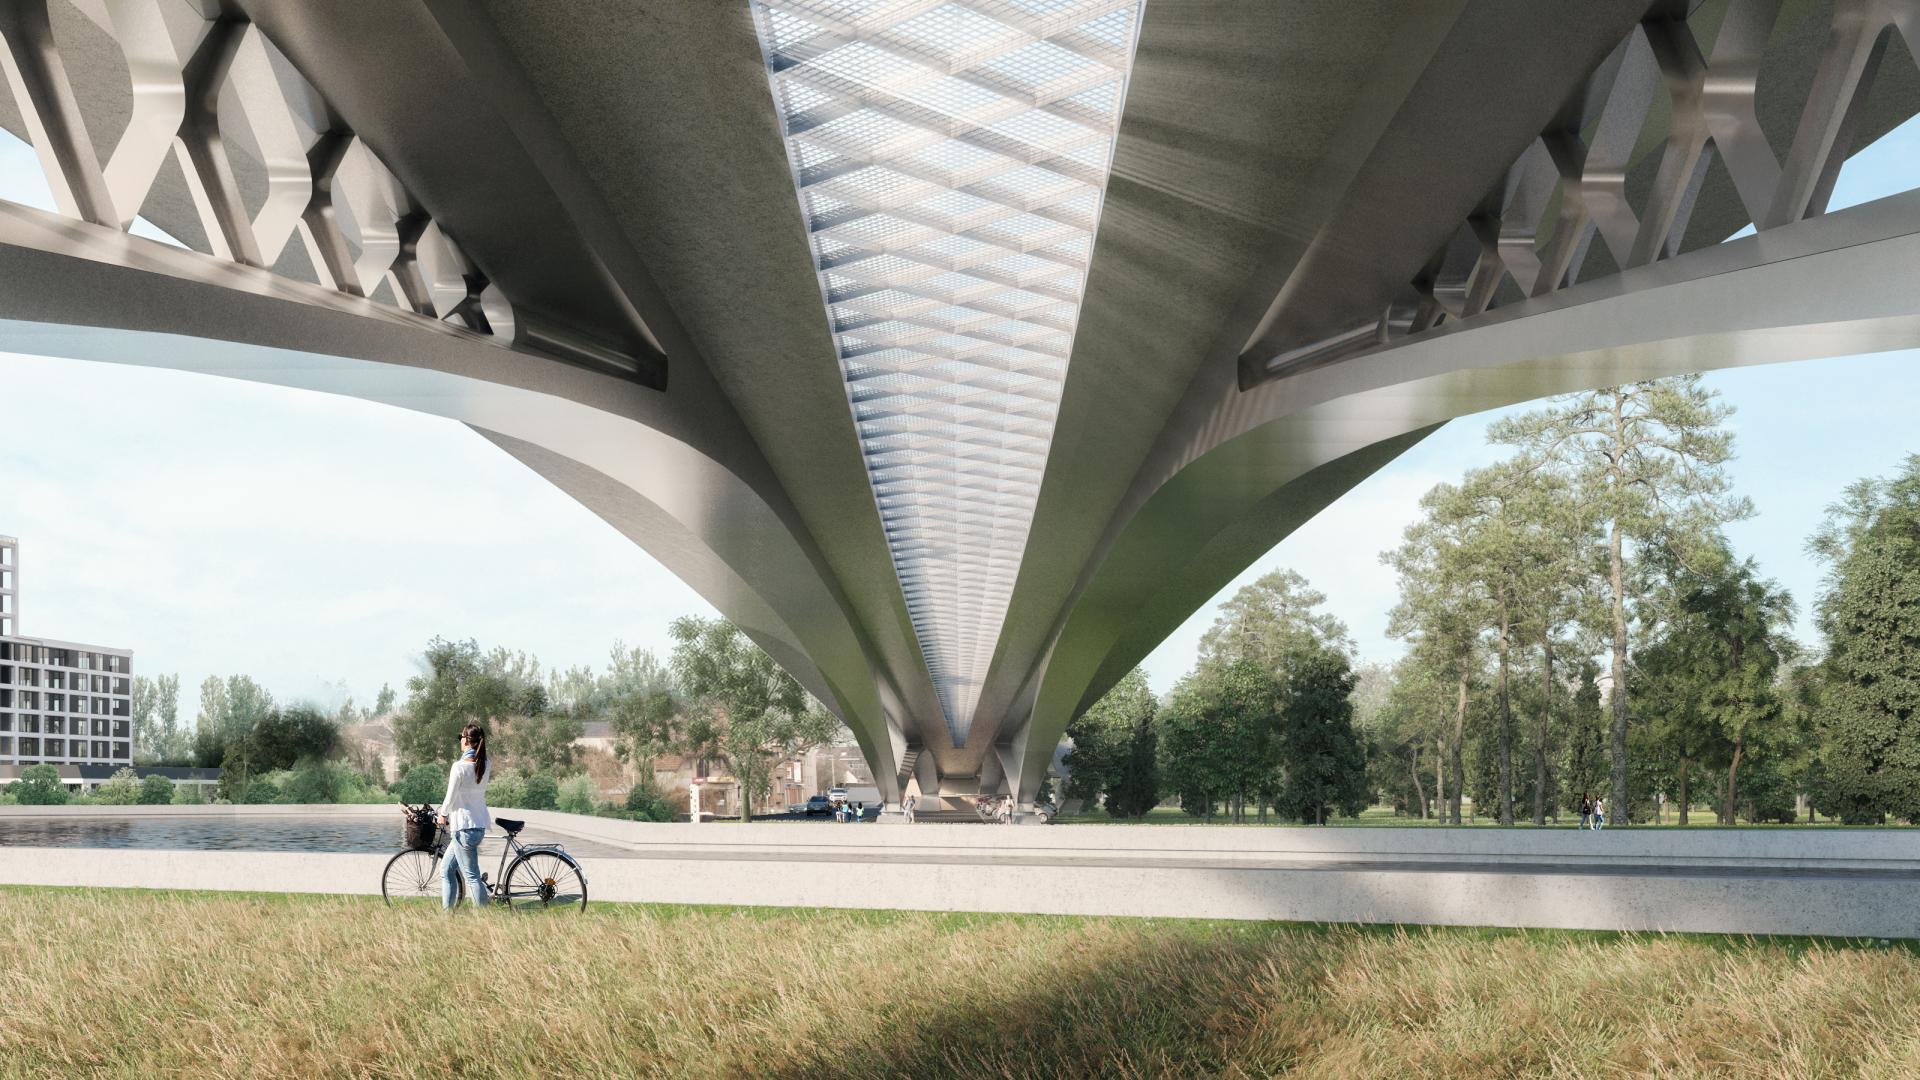 Het rooster in het midden zorgt voor licht onder de brug